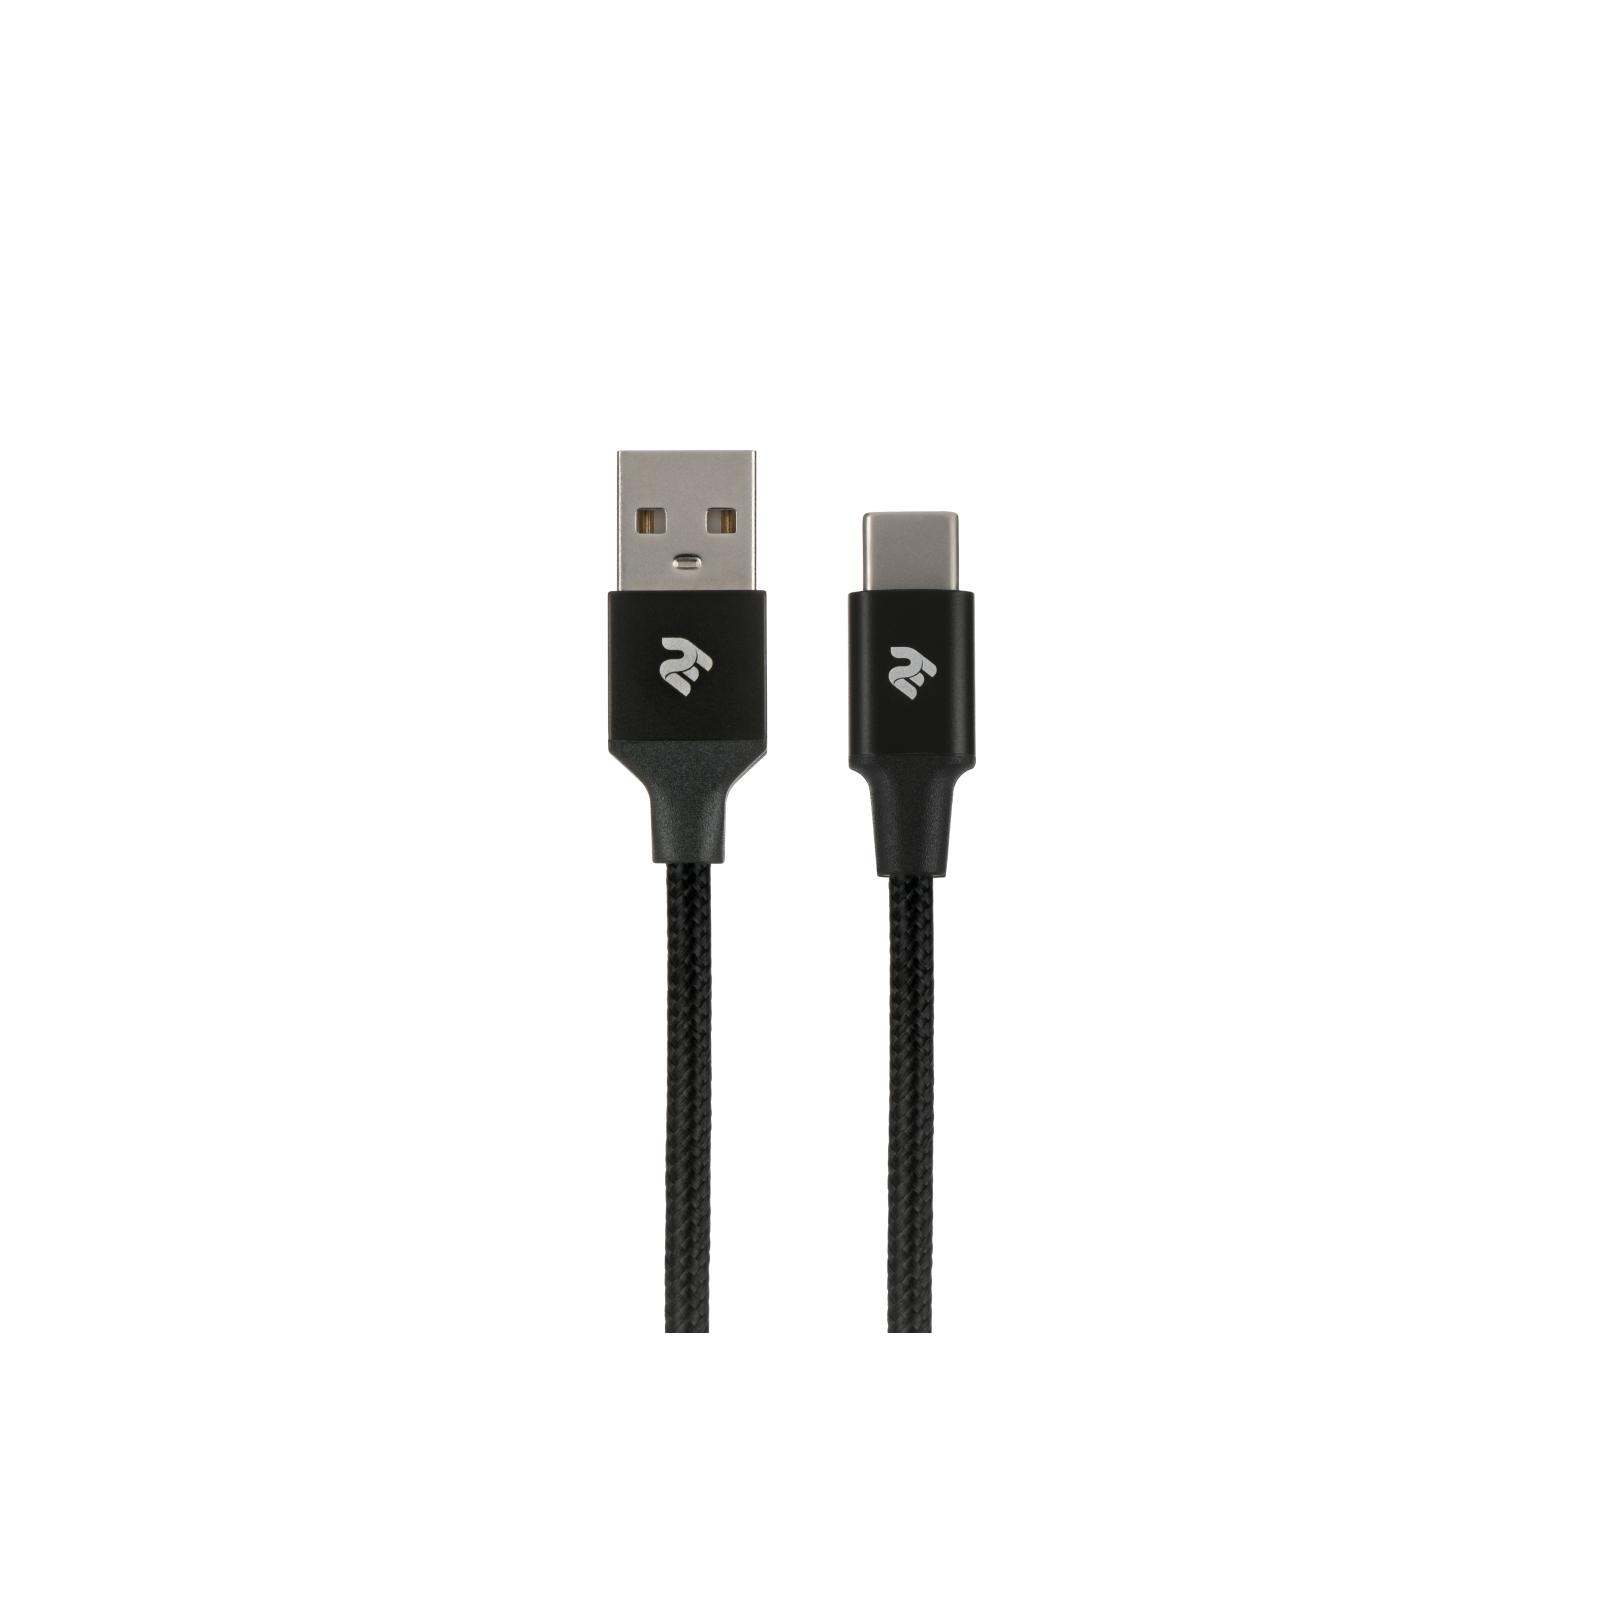 Дата кабель USB 2.0 AM to Type-C 1.0m Alumium Shell Cable 2E (2E-CCTAL-1M)